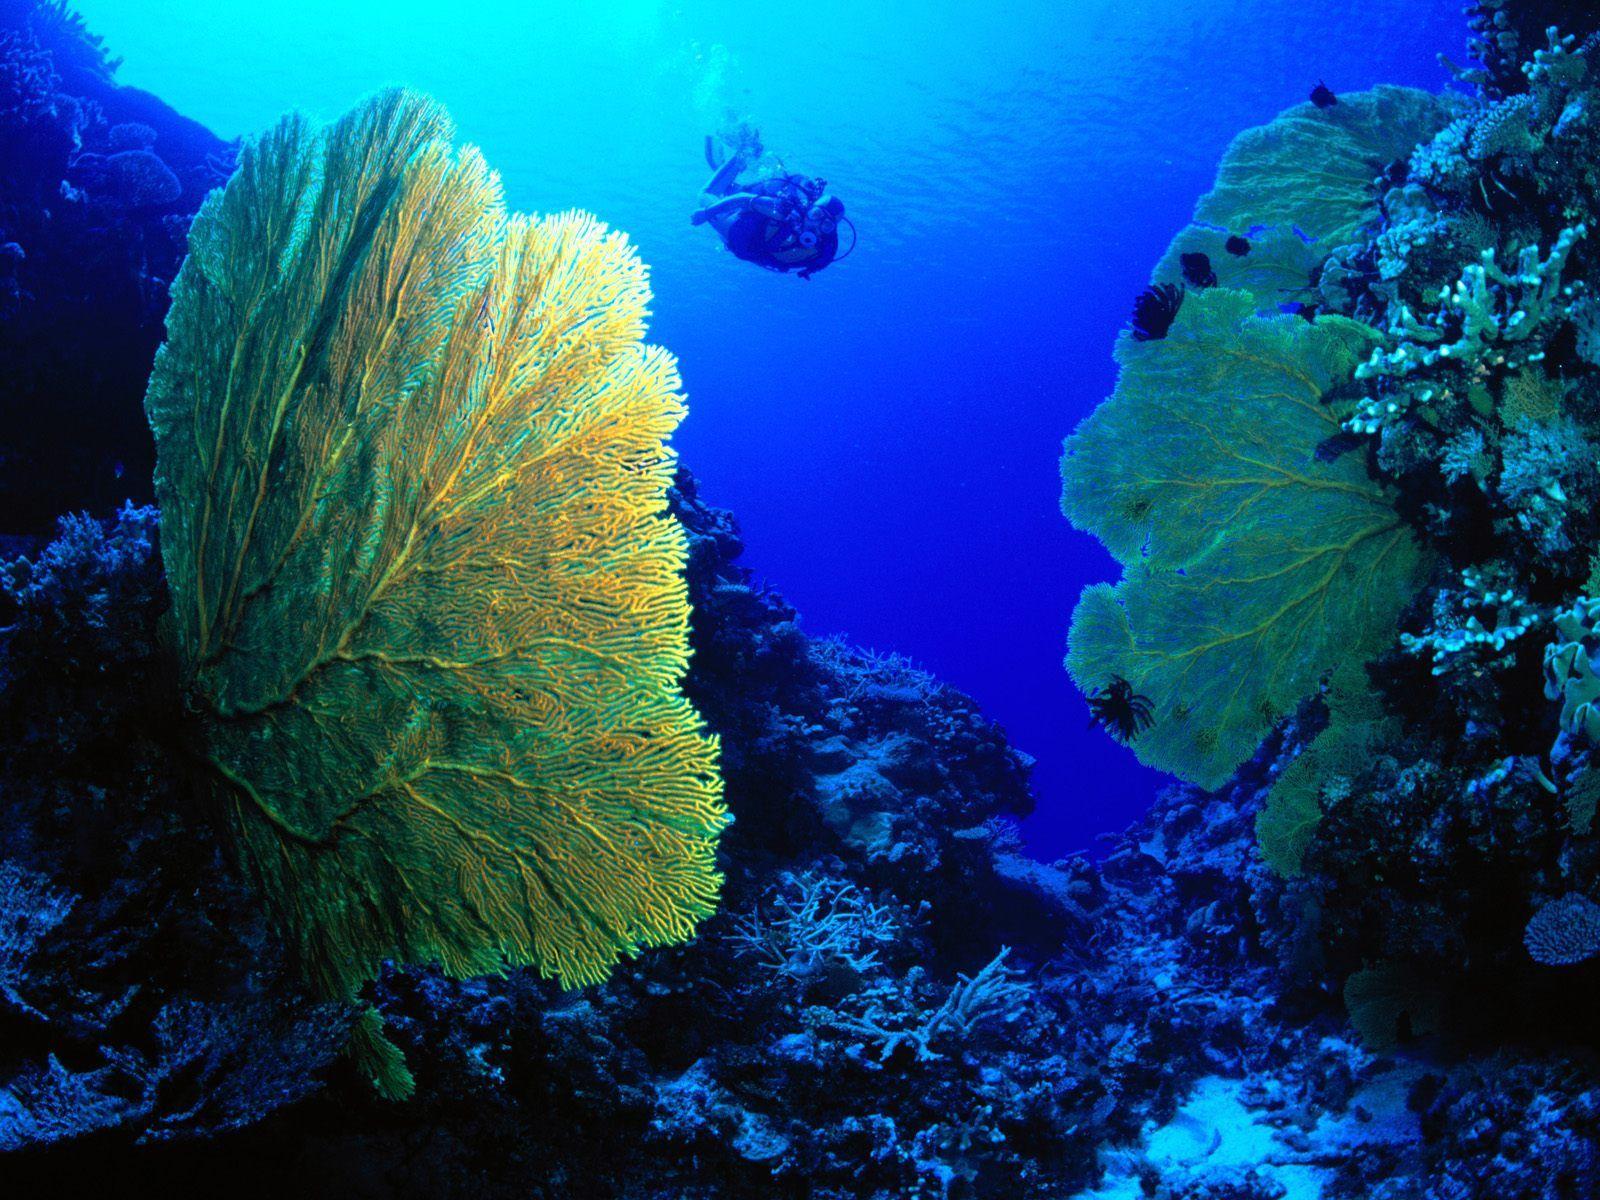 ocean life pics | Index of /extra-wallpapers/ocean-life-3